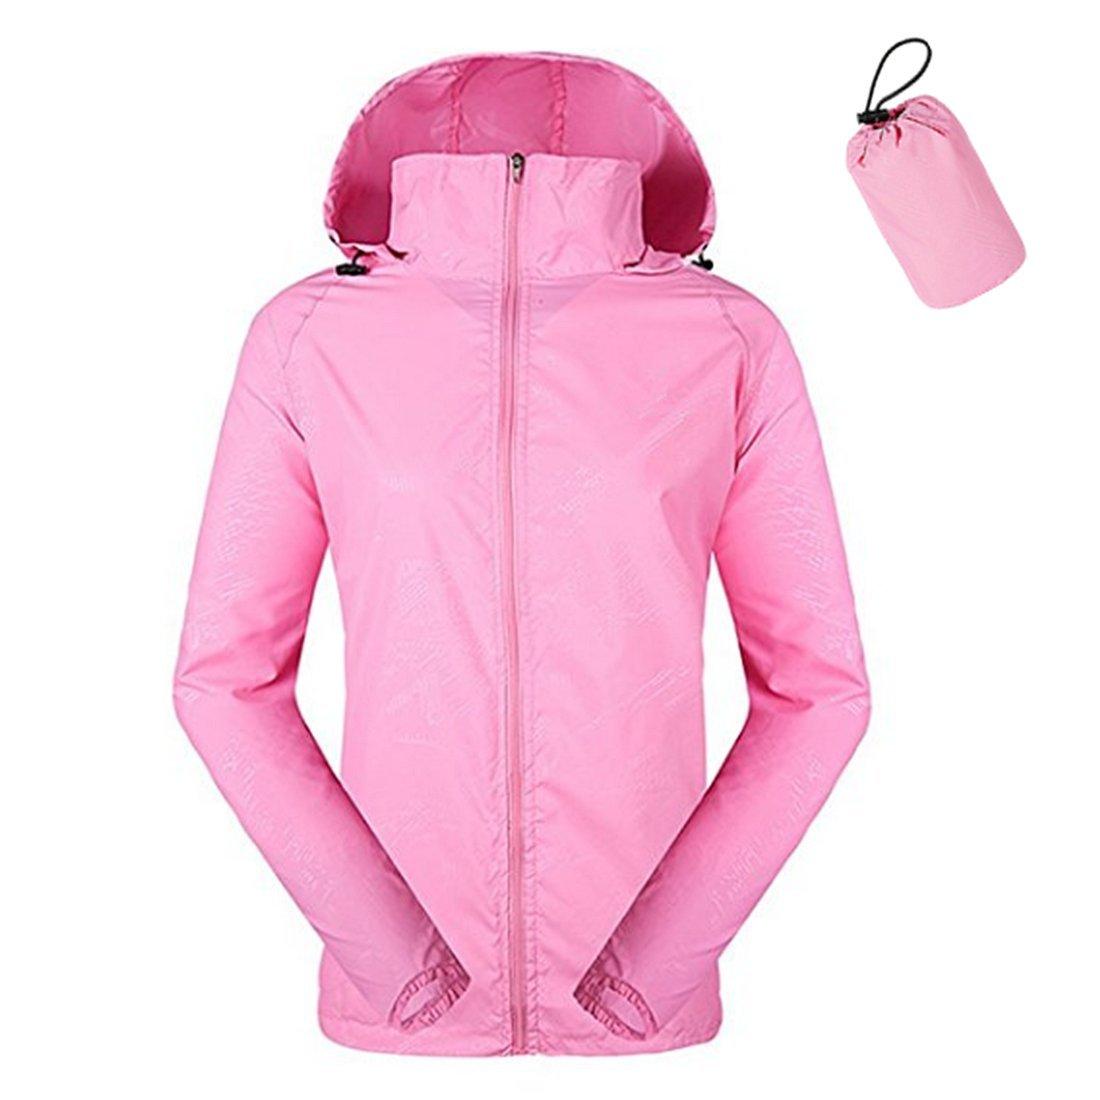 ZIMCA Unisex Packable Lightweight UV Protect Jackets Outdoor Windbreaker Quick-Dry Skin Rain Coat (Women L/Men M, Pink)